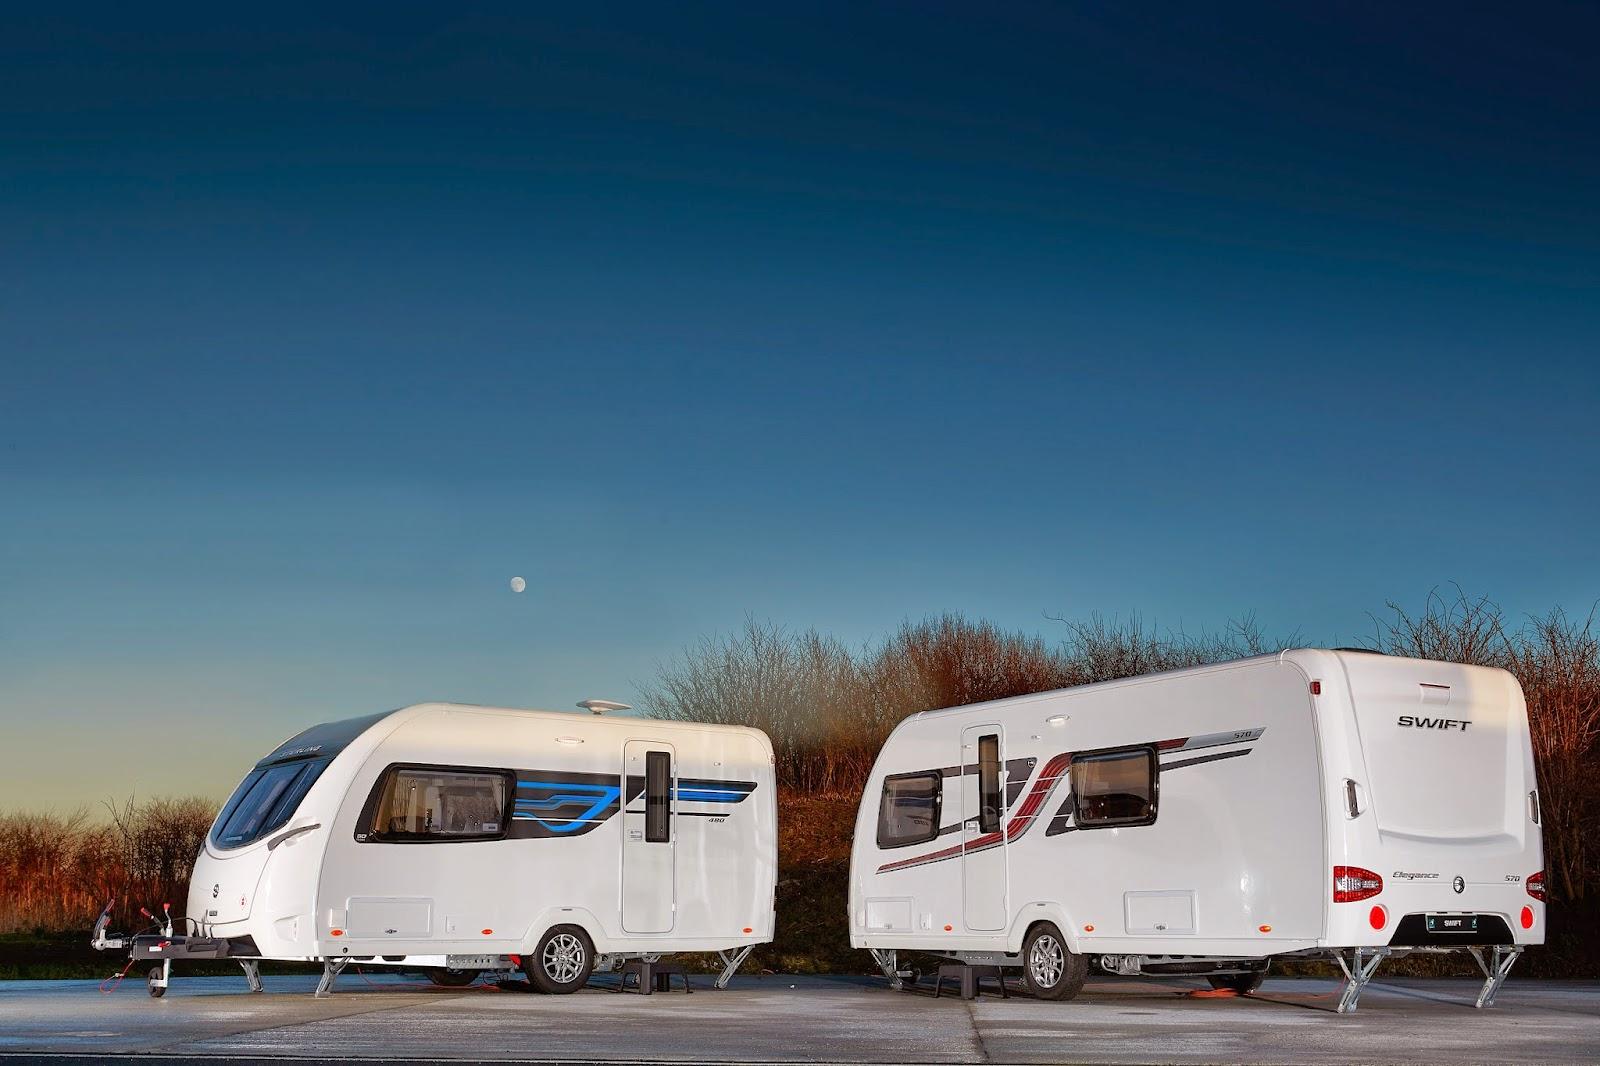 http://www.swiftgroup.co.uk/caravans/swift/elegance